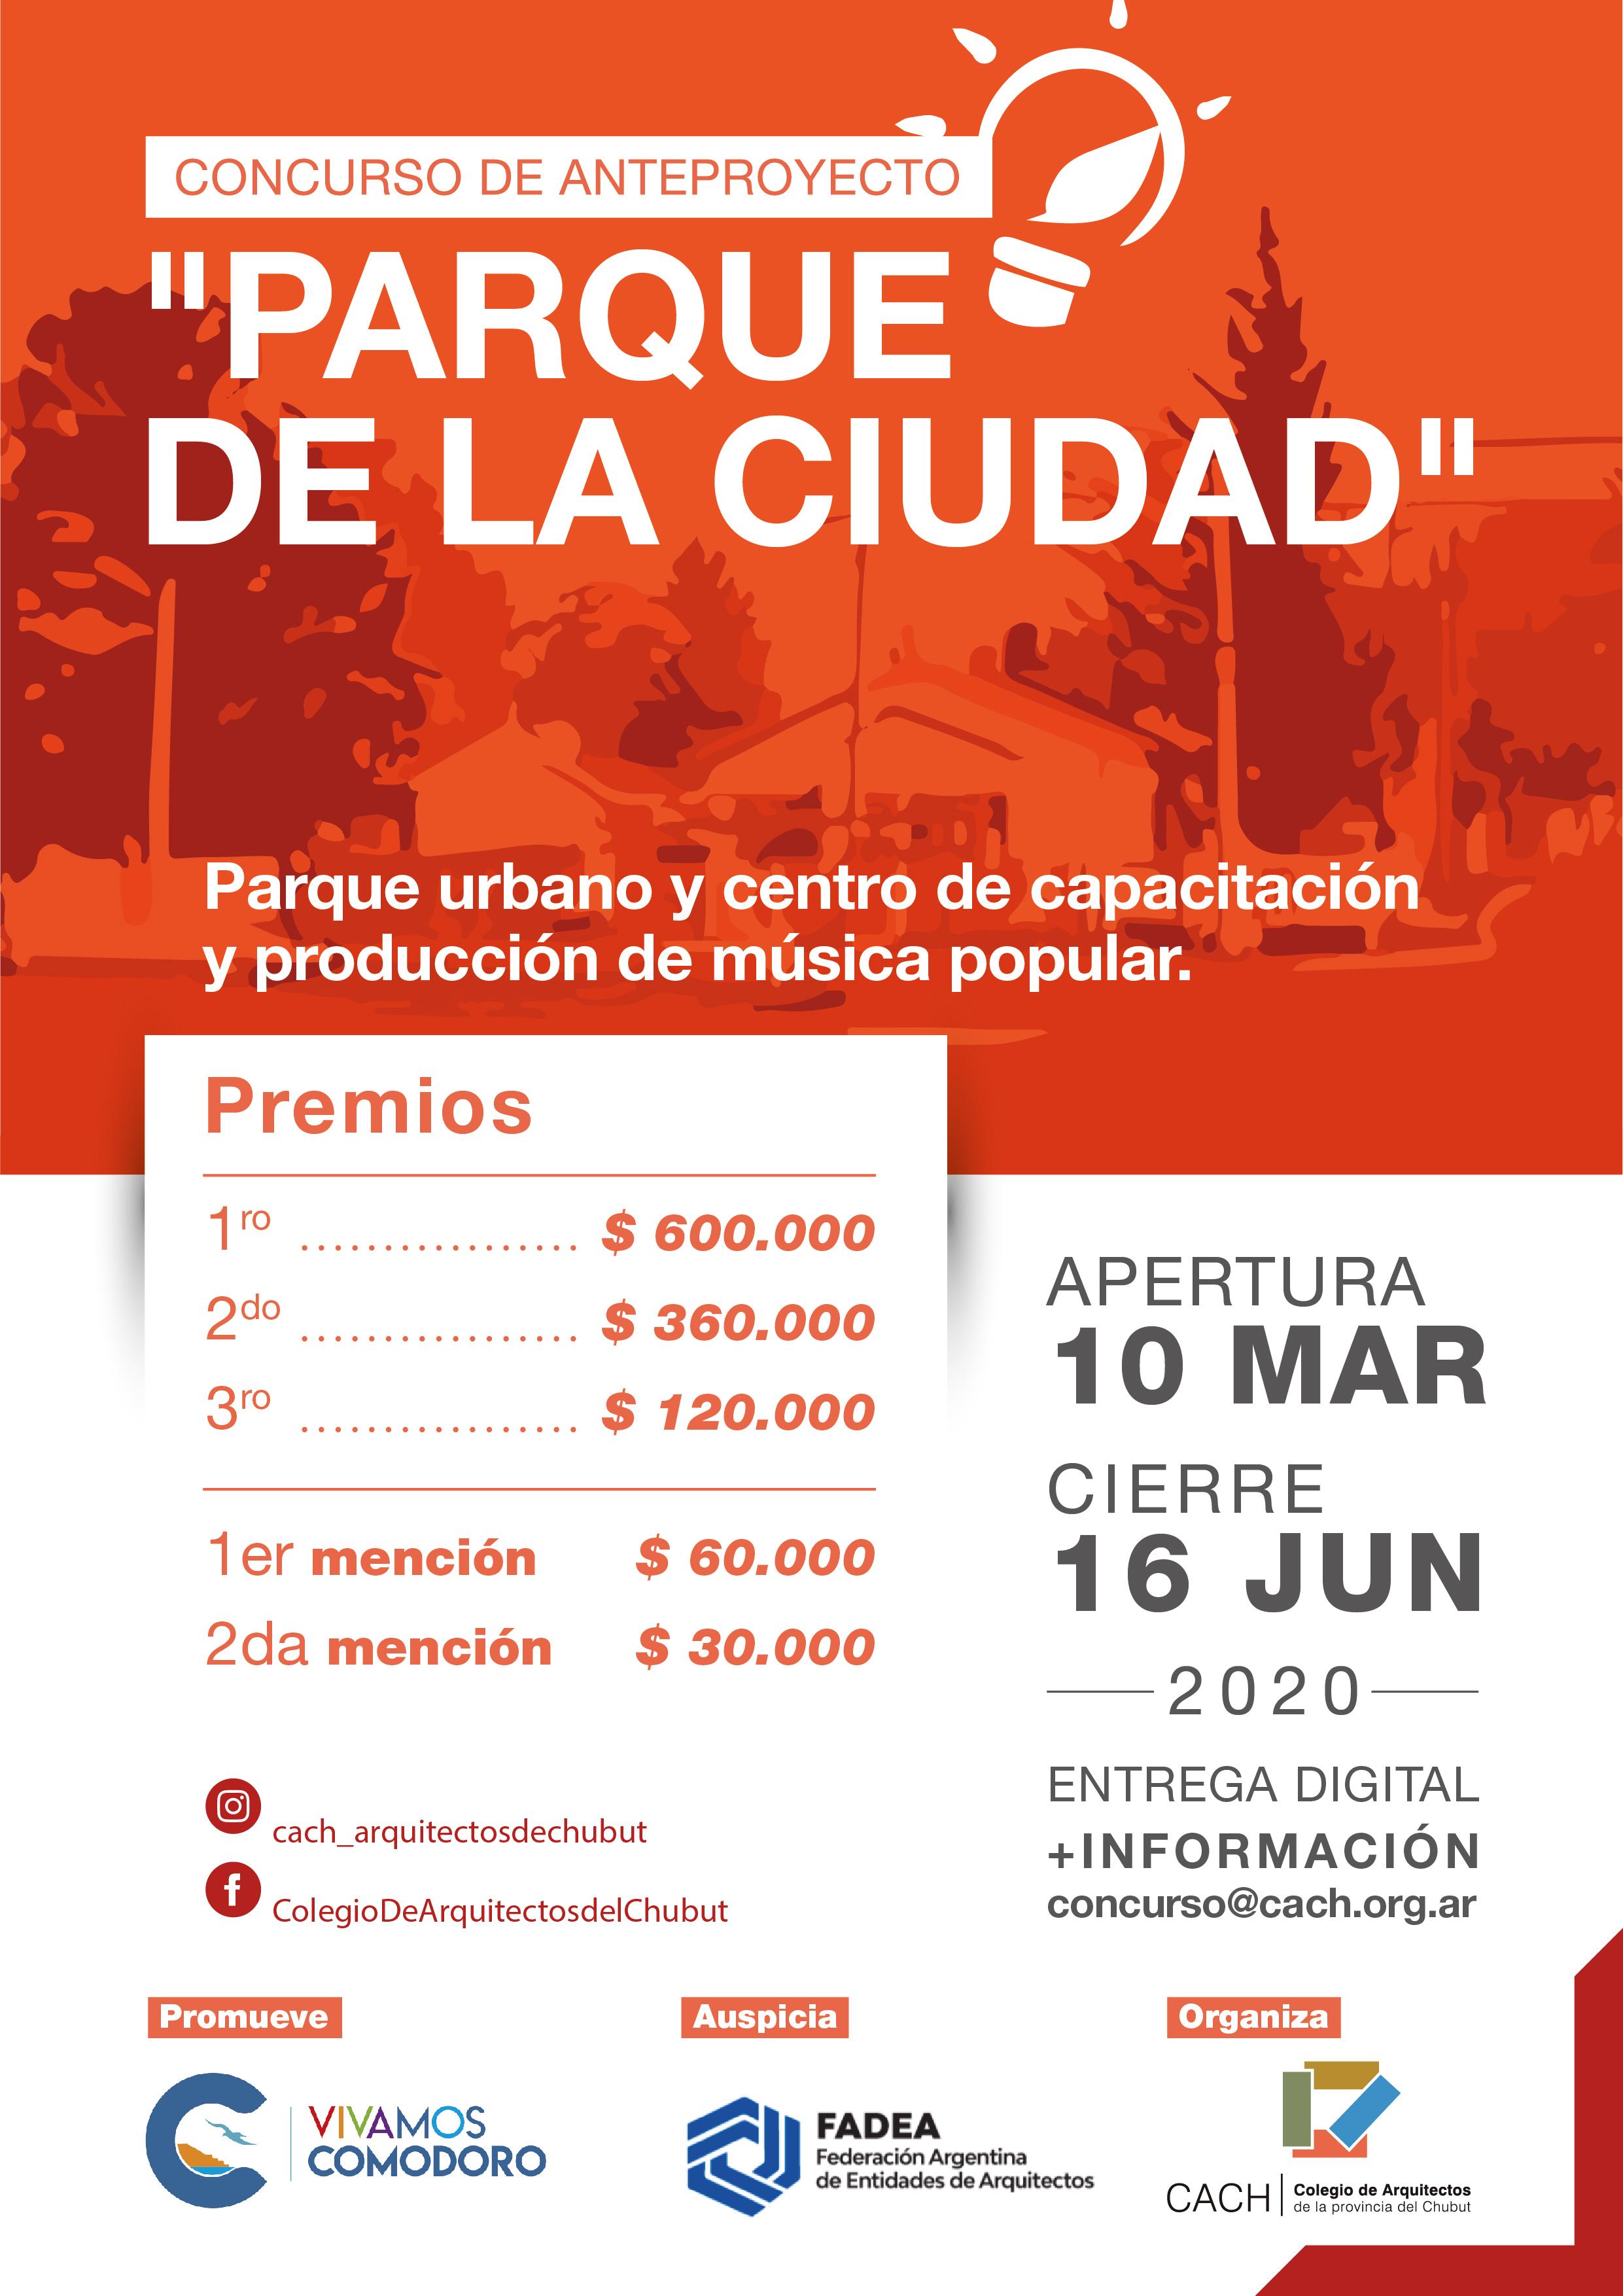 Descargar archivo PDF Concurso-AnteProyecto-Parque-de-la-Ciudad-AFICHE.jpg